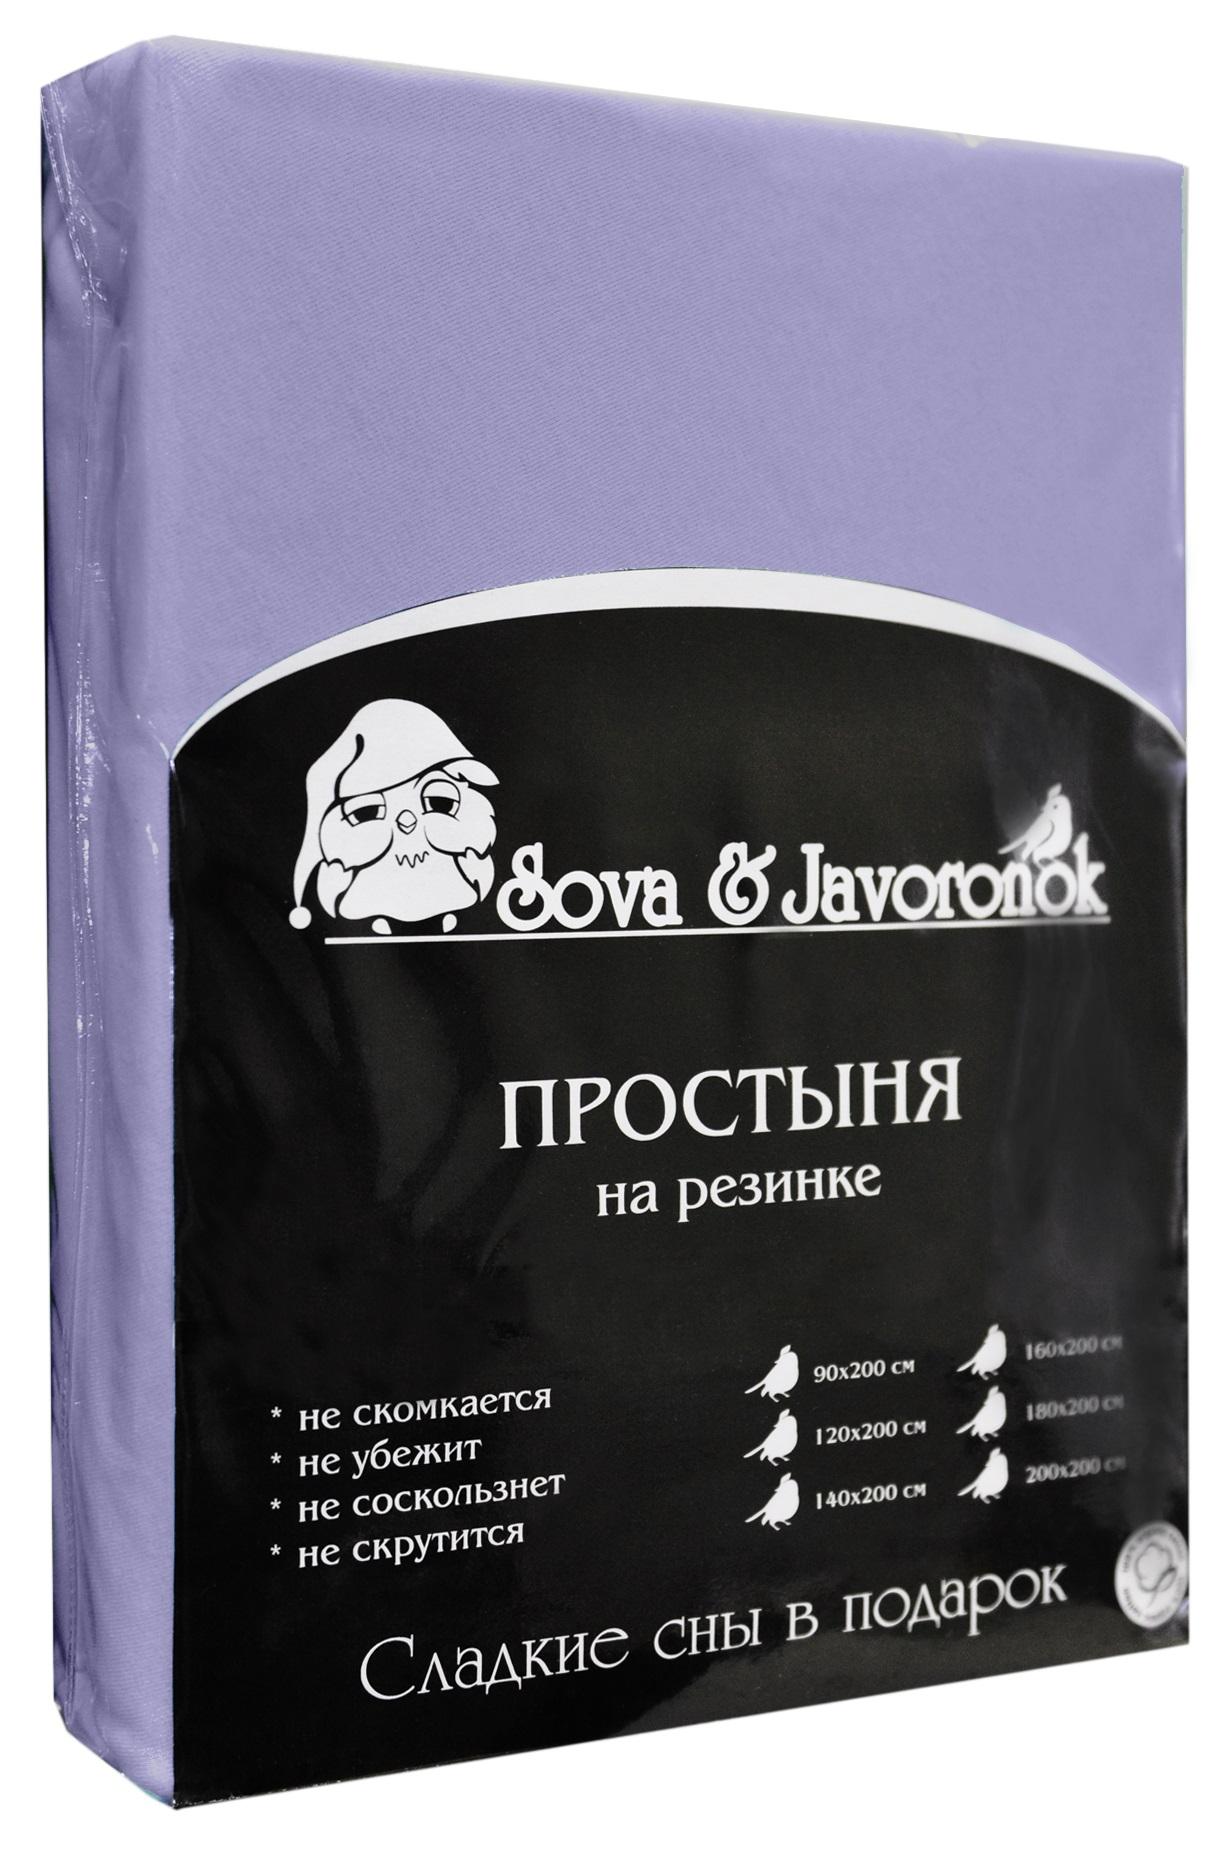 Простыня на резинке Sova & Javoronok, цвет: сиреневый, 140 см х 200 смCLP446Простыня на резинке Sova & Javoronok, изготовленная из трикотажной ткани (100% хлопок), будет превосходно смотреться с любыми комплектами белья. Хлопчатобумажный трикотаж по праву считается одним из самых качественных, прочных и при этом приятных на ощупь. Его гигиеничность позволяет использовать простыню и в детских комнатах, к тому же 100%-ый хлопок в составе ткани не вызовет аллергии. У трикотажного полотна очень интересная структура, немного рыхлая за счет отсутствия плотного переплетения нитей и наличия особых петель, благодаря этому простыня Сова и Жаворонок отлично пропускает воздух и способствует его постоянной циркуляции. Поэтому ваша постель будет всегда оставаться свежей. Но главное и, пожалуй, самое известное свойство трикотажа - это его великолепная растяжимость, поэтому эта ткань и была выбрана для натяжной простыни на резинке.Простыня прошита резинкой по всему периметру, что обеспечивает более комфортный отдых, так как она прочно удерживается на матрасе и избавляет от необходимости часто поправлять простыню.